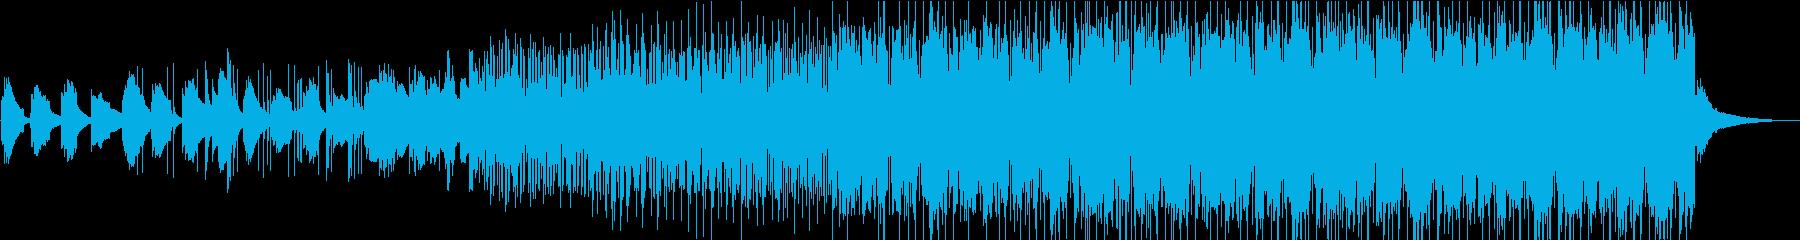 シンプルで穏やかなヒーリングミュージックの再生済みの波形